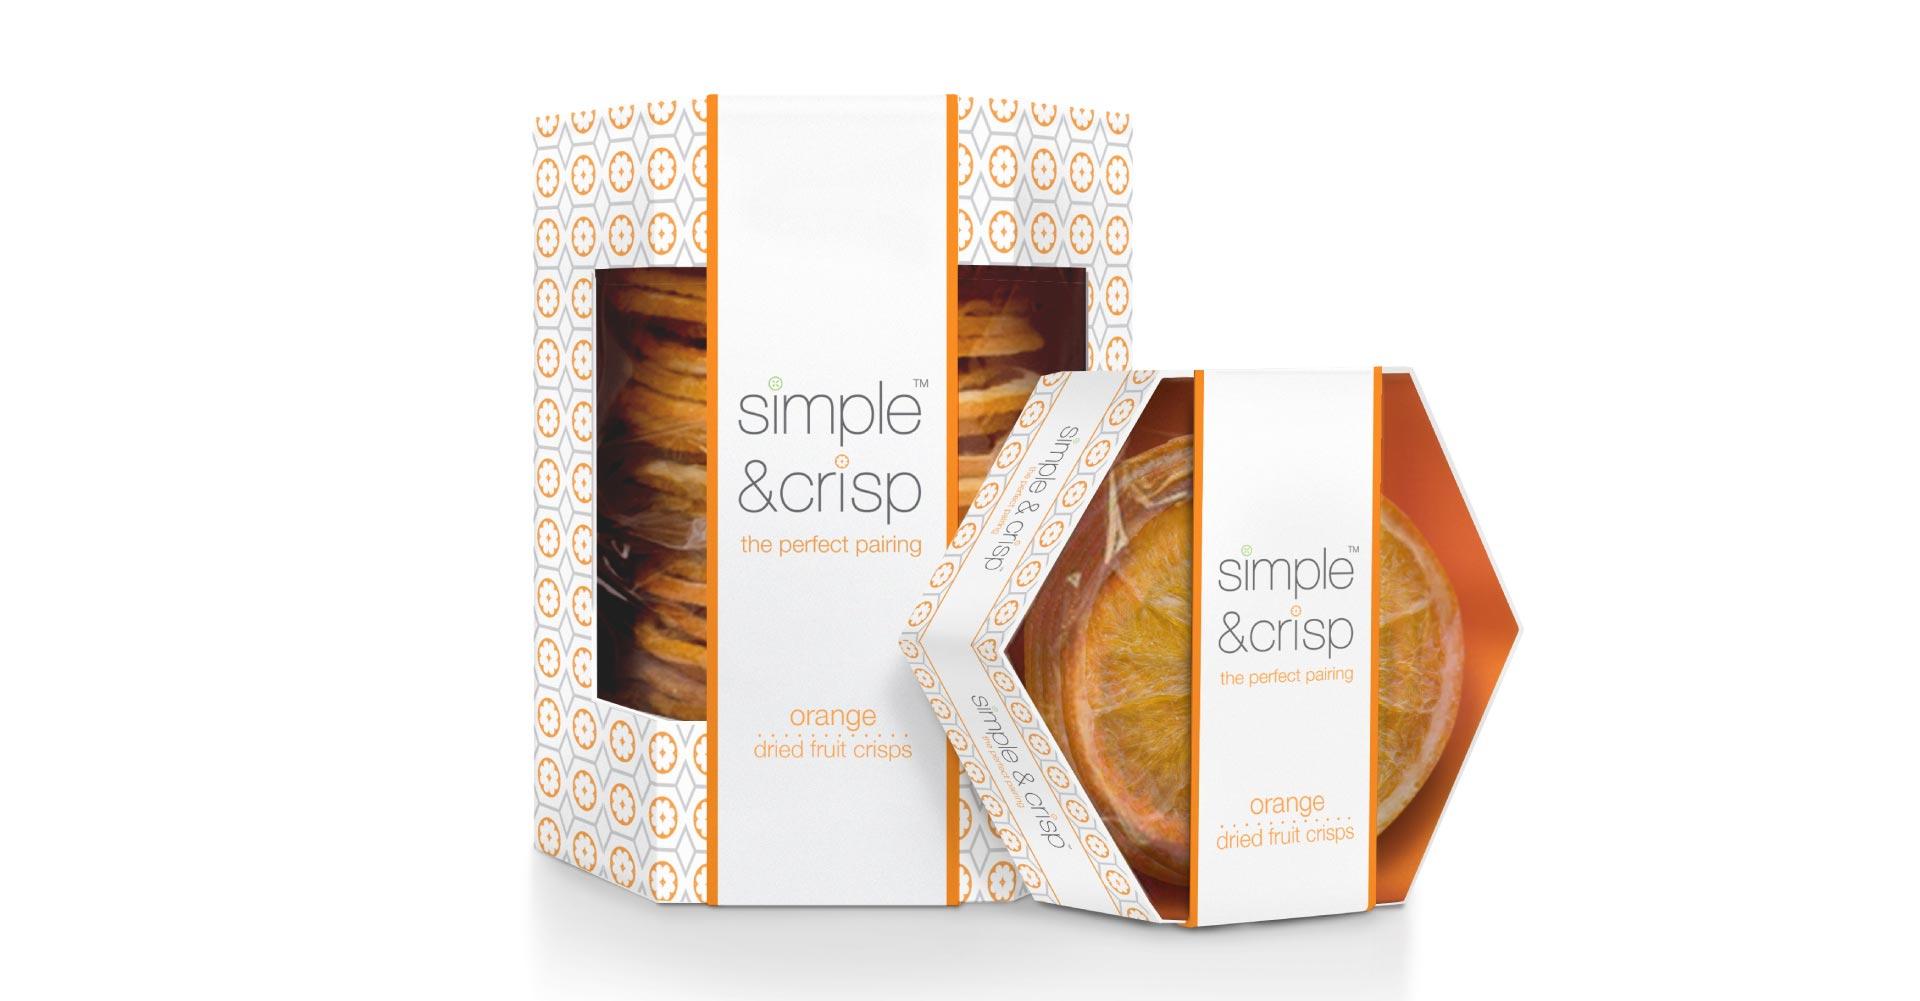 Creative_Retail_Packaging_Branding_Identity_Packaging_Design_Simple&Crisp_07.jpg